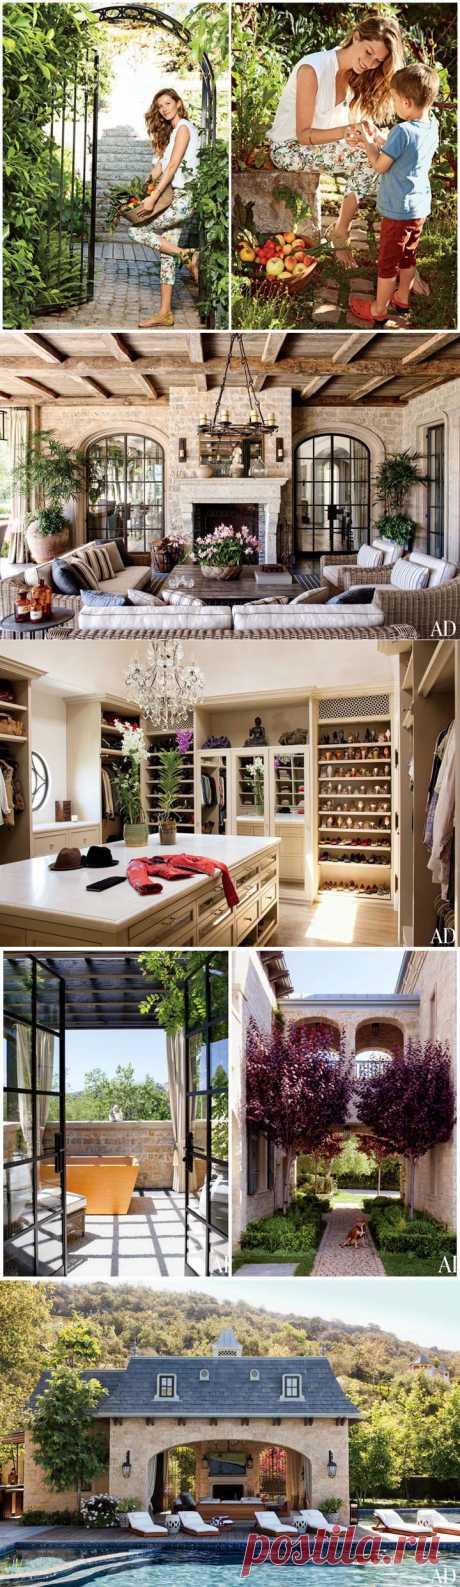 Красивый дом Жизель Бюндхен (фото) | Фотографии красивых интерьеров